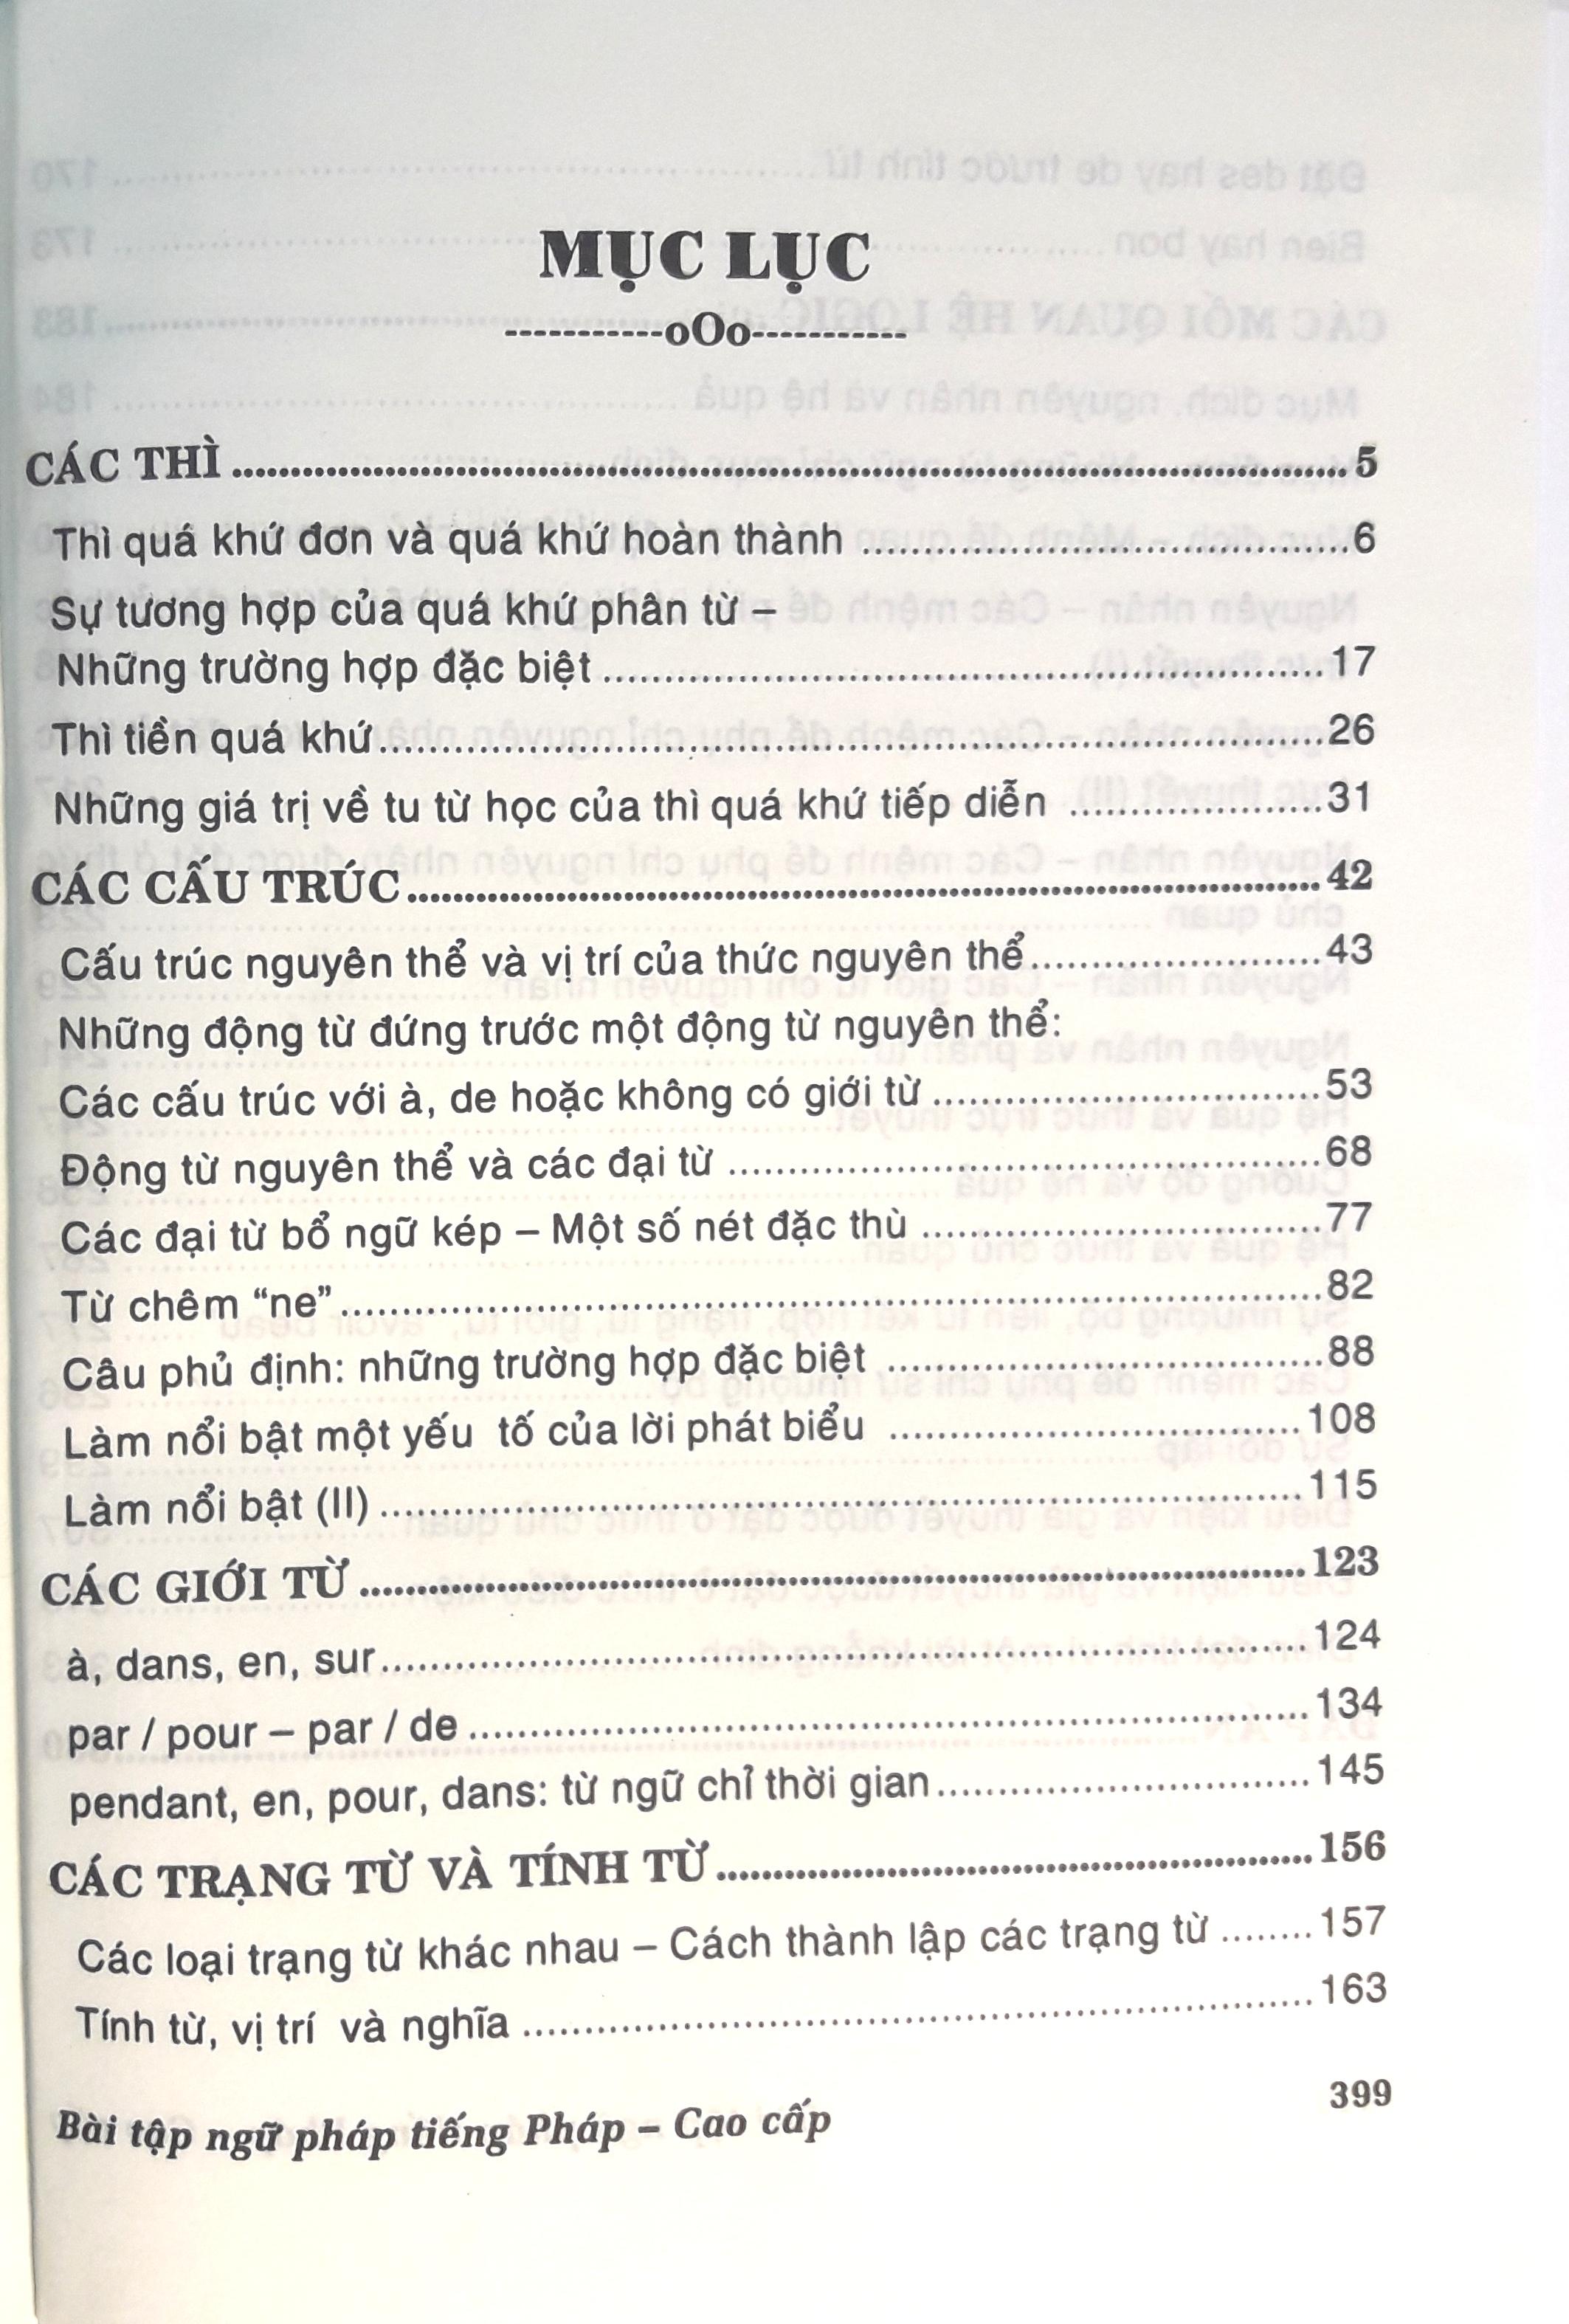 Bái tập ngữ pháp tiếng pháp theo chủ đề ( trình độ cao cấp )